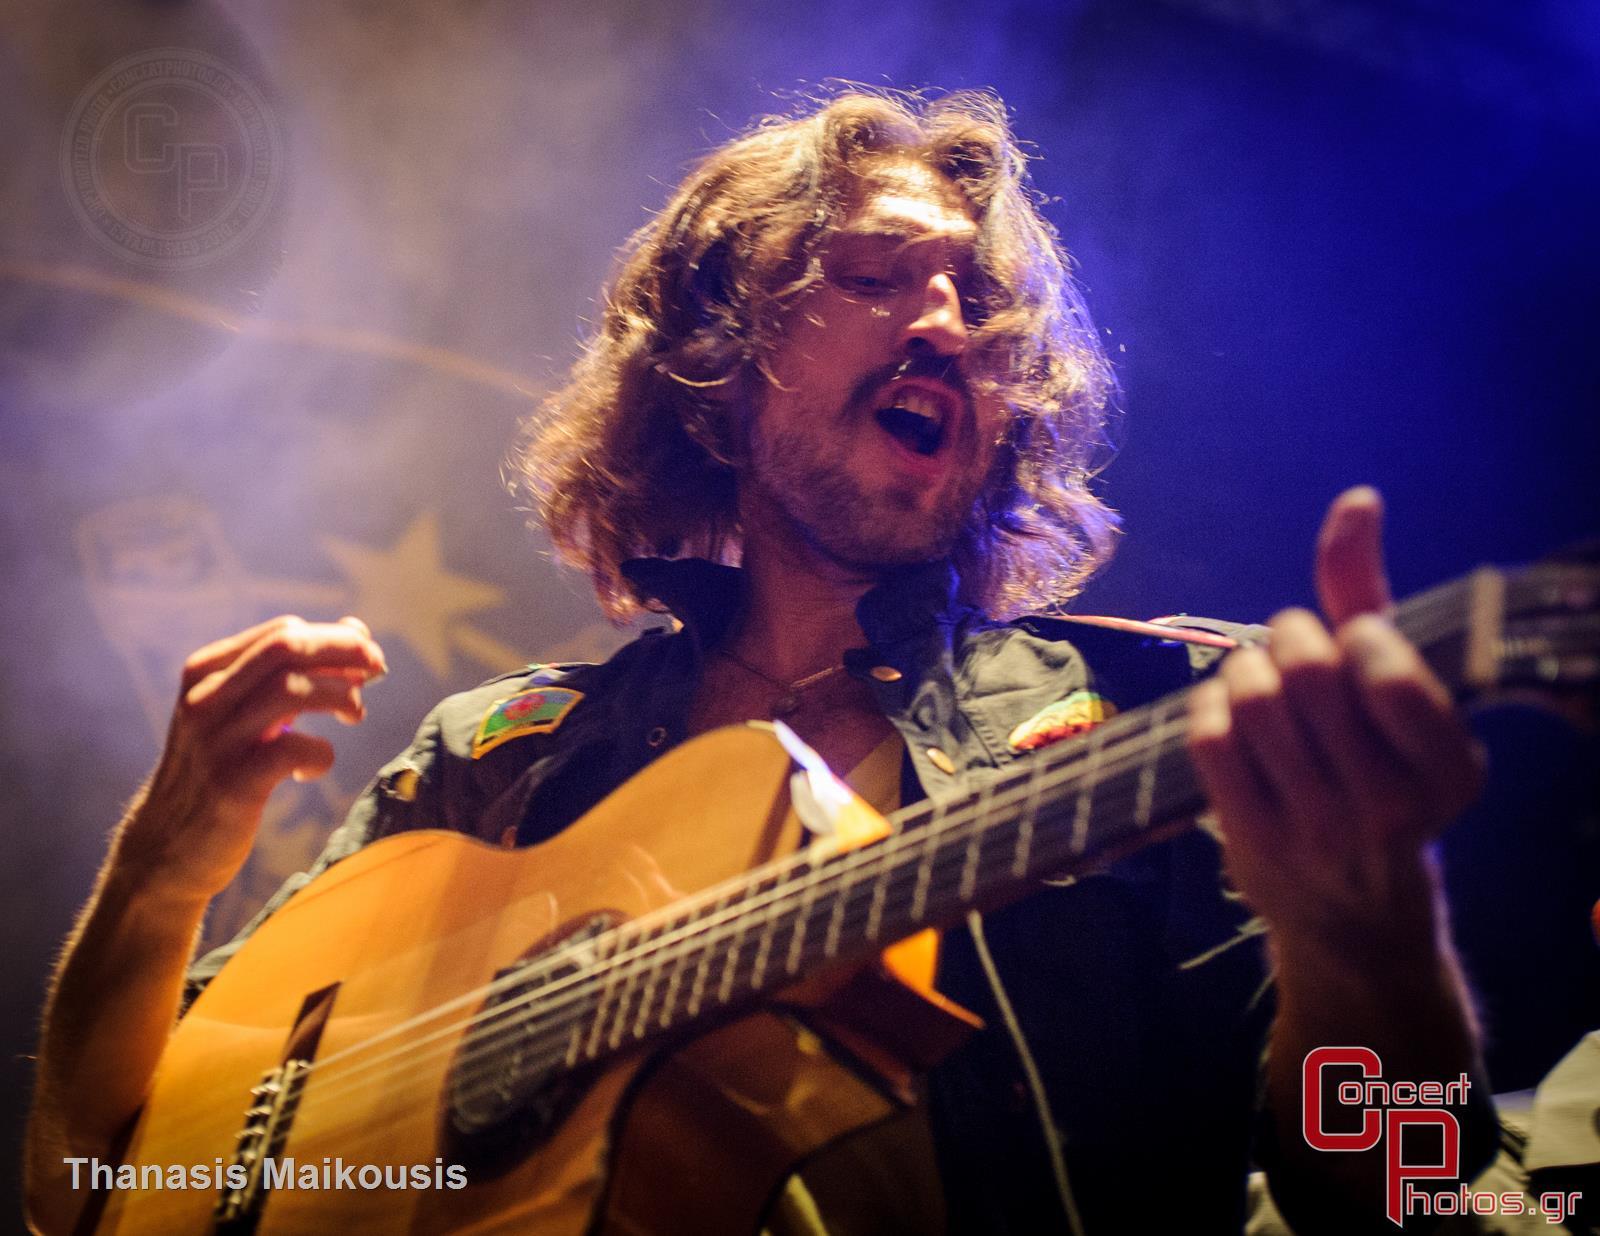 Gogol Bordelo-Gogol Bordelo photographer: Thanasis Maikousis - concertphotos_-8531